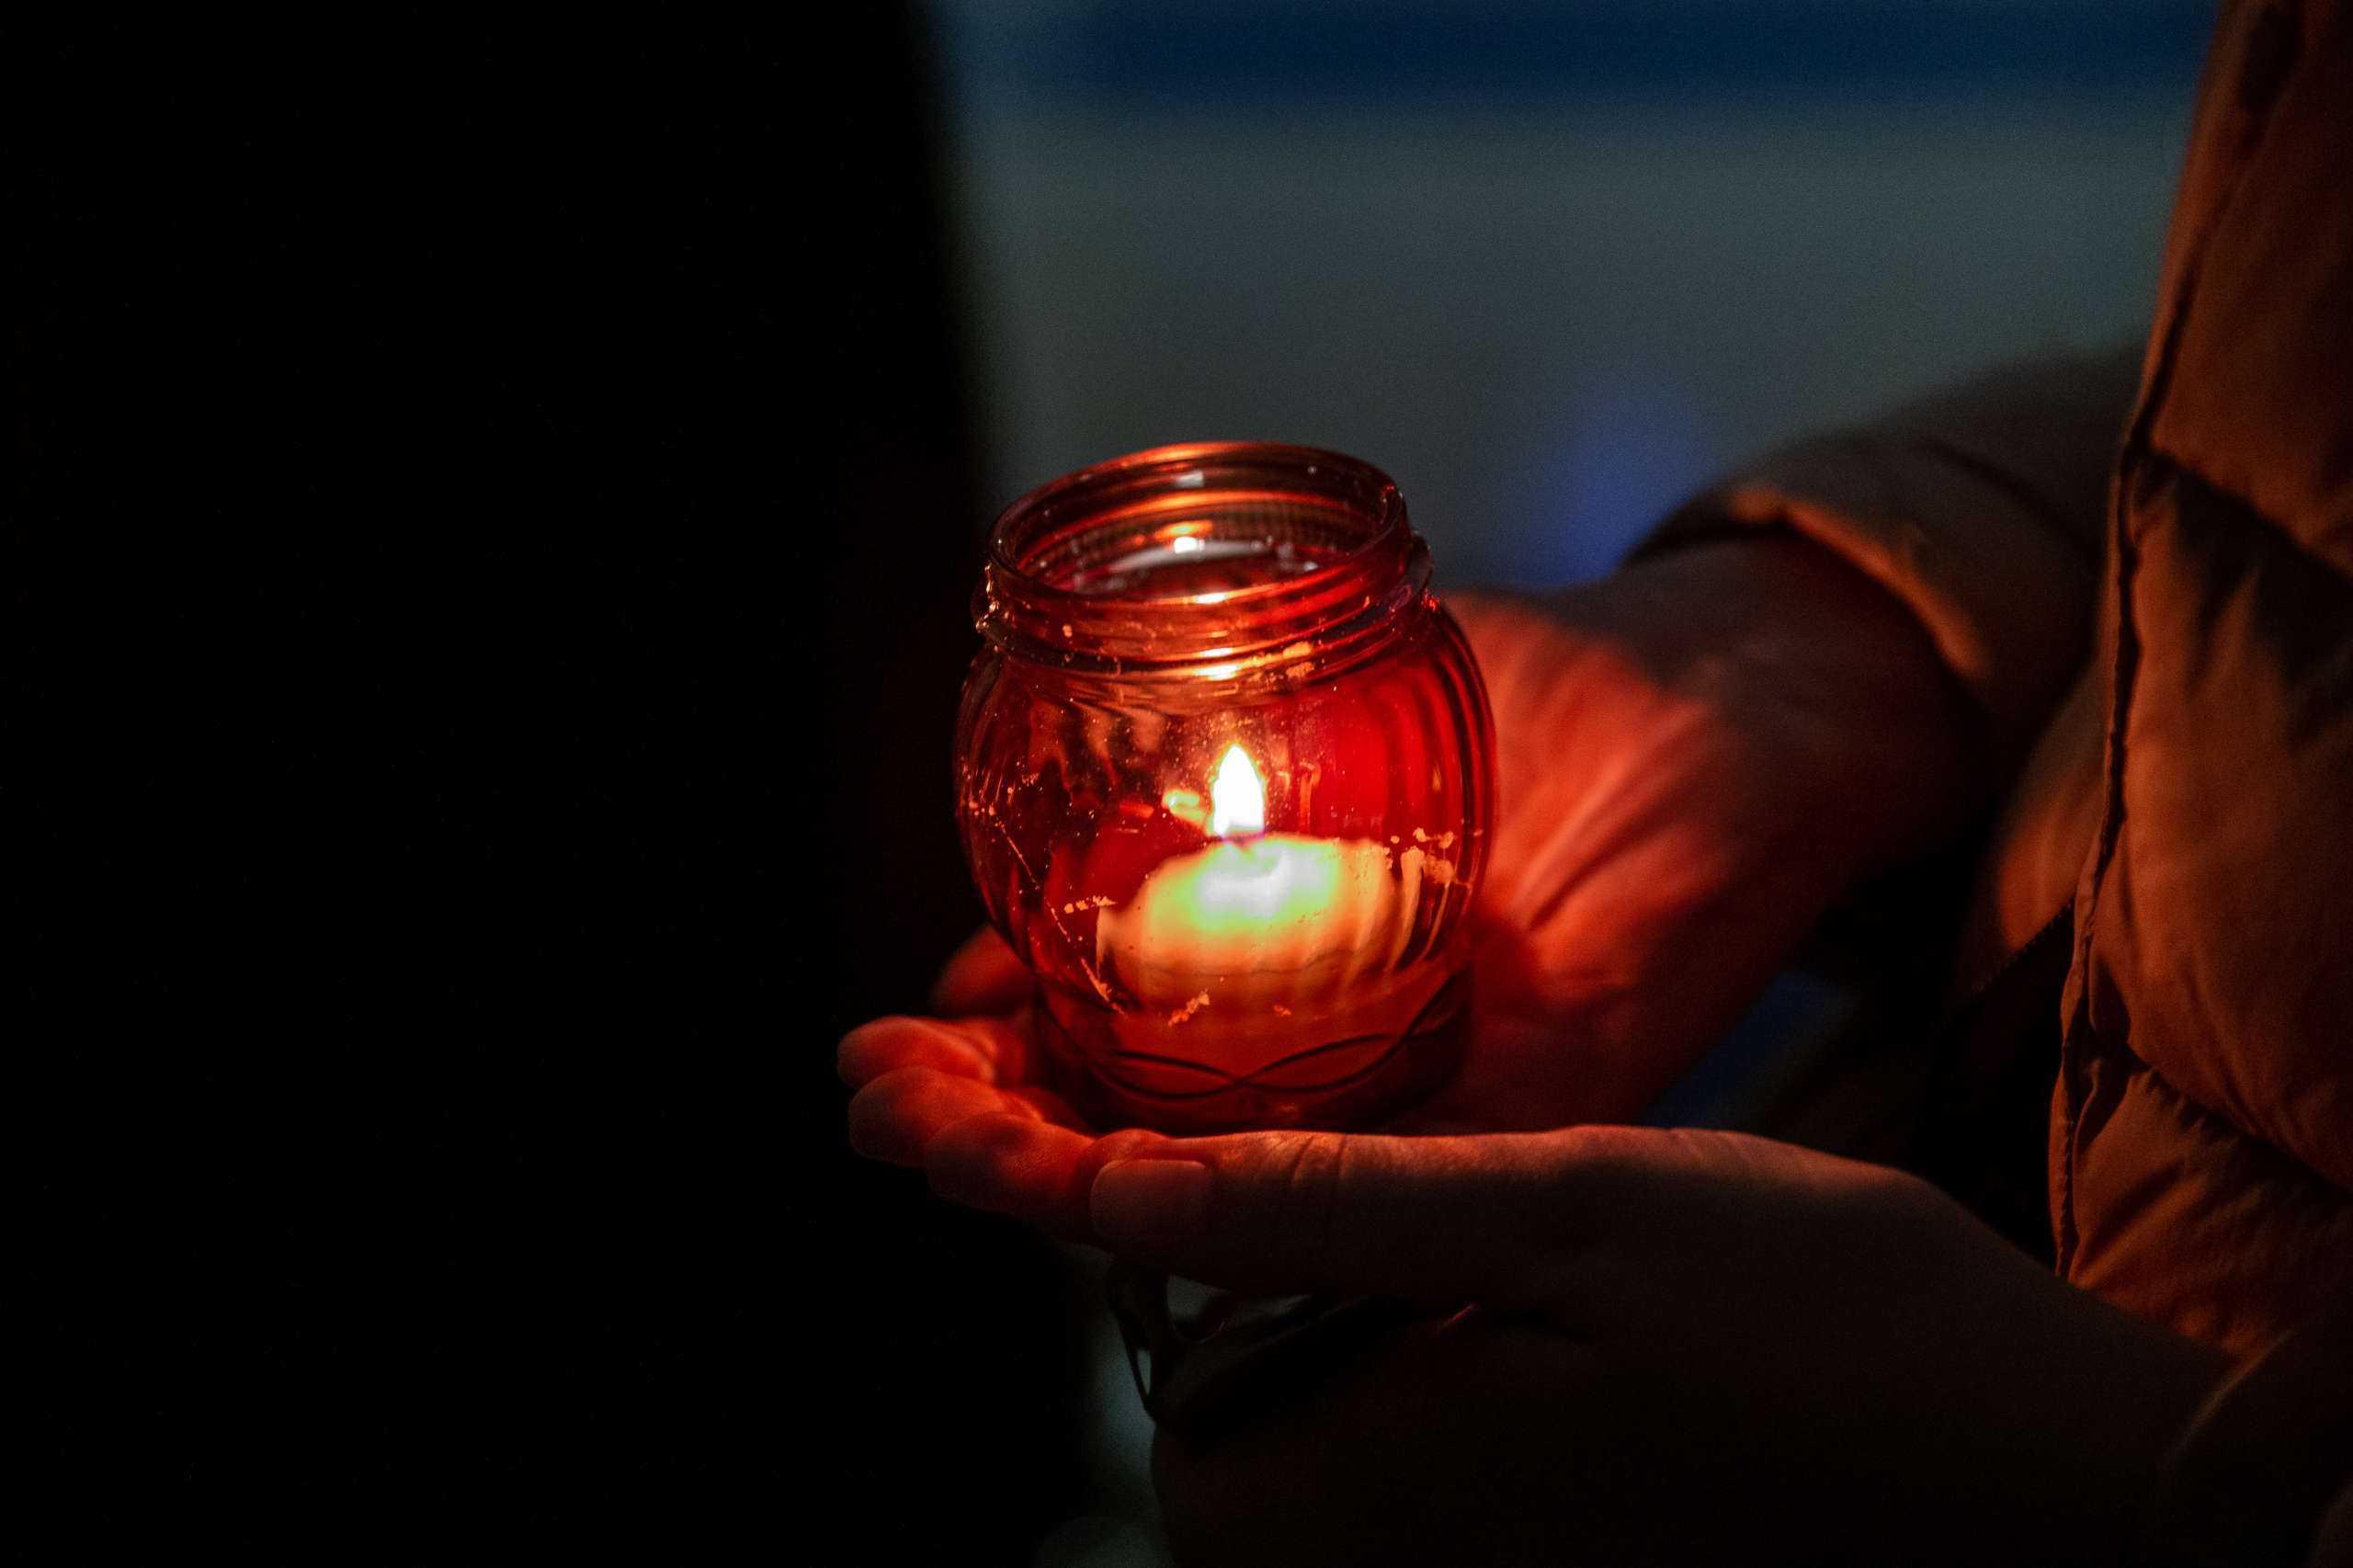 Митрополит Лонгин выразил соболезнование в связи с трагедией в Казани